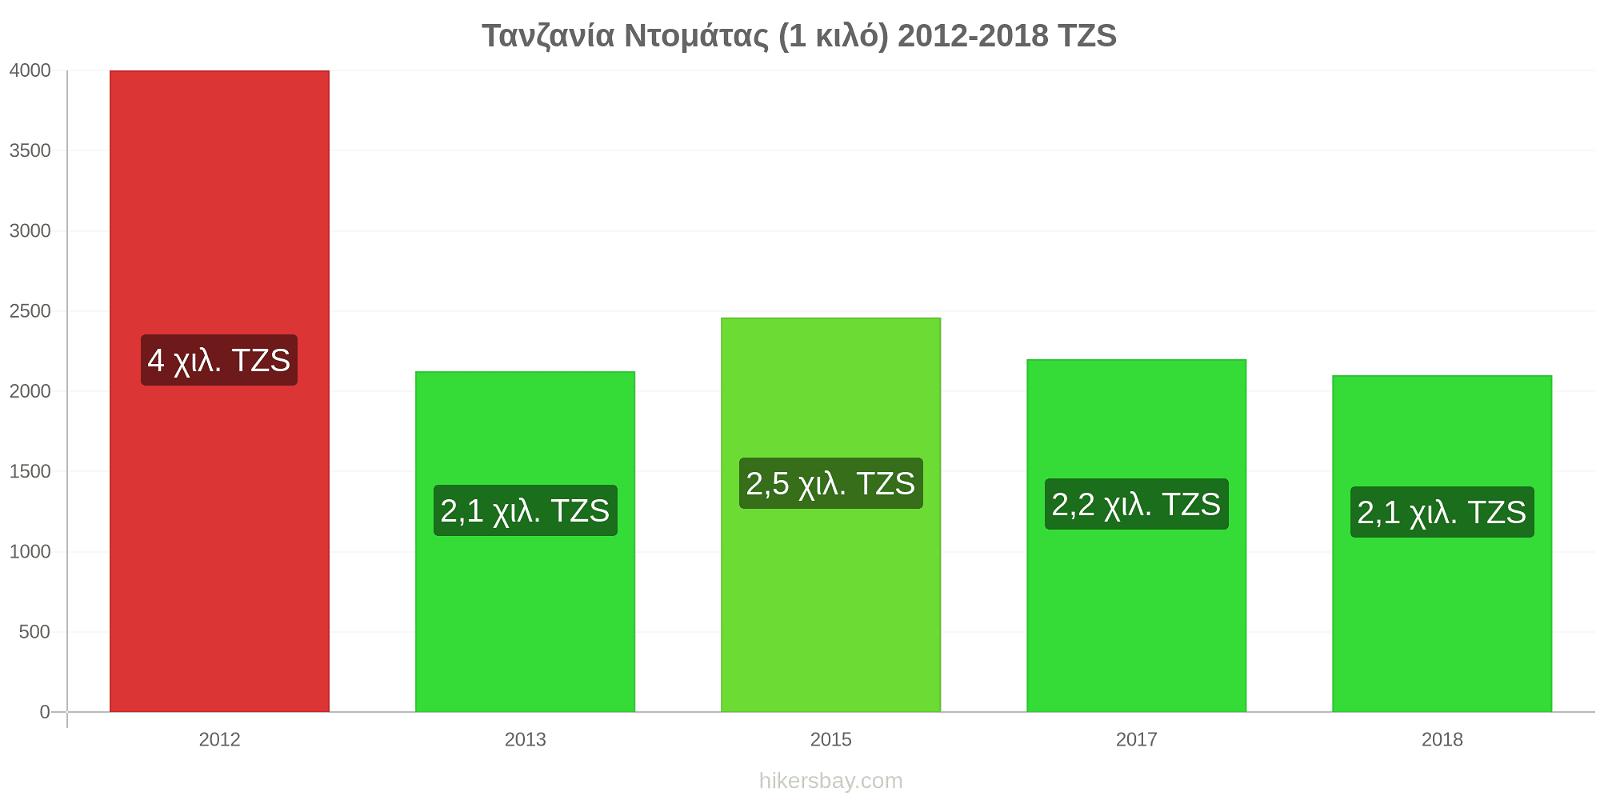 Τανζανία αλλαγές τιμών Ντομάτας (1 κιλό) hikersbay.com